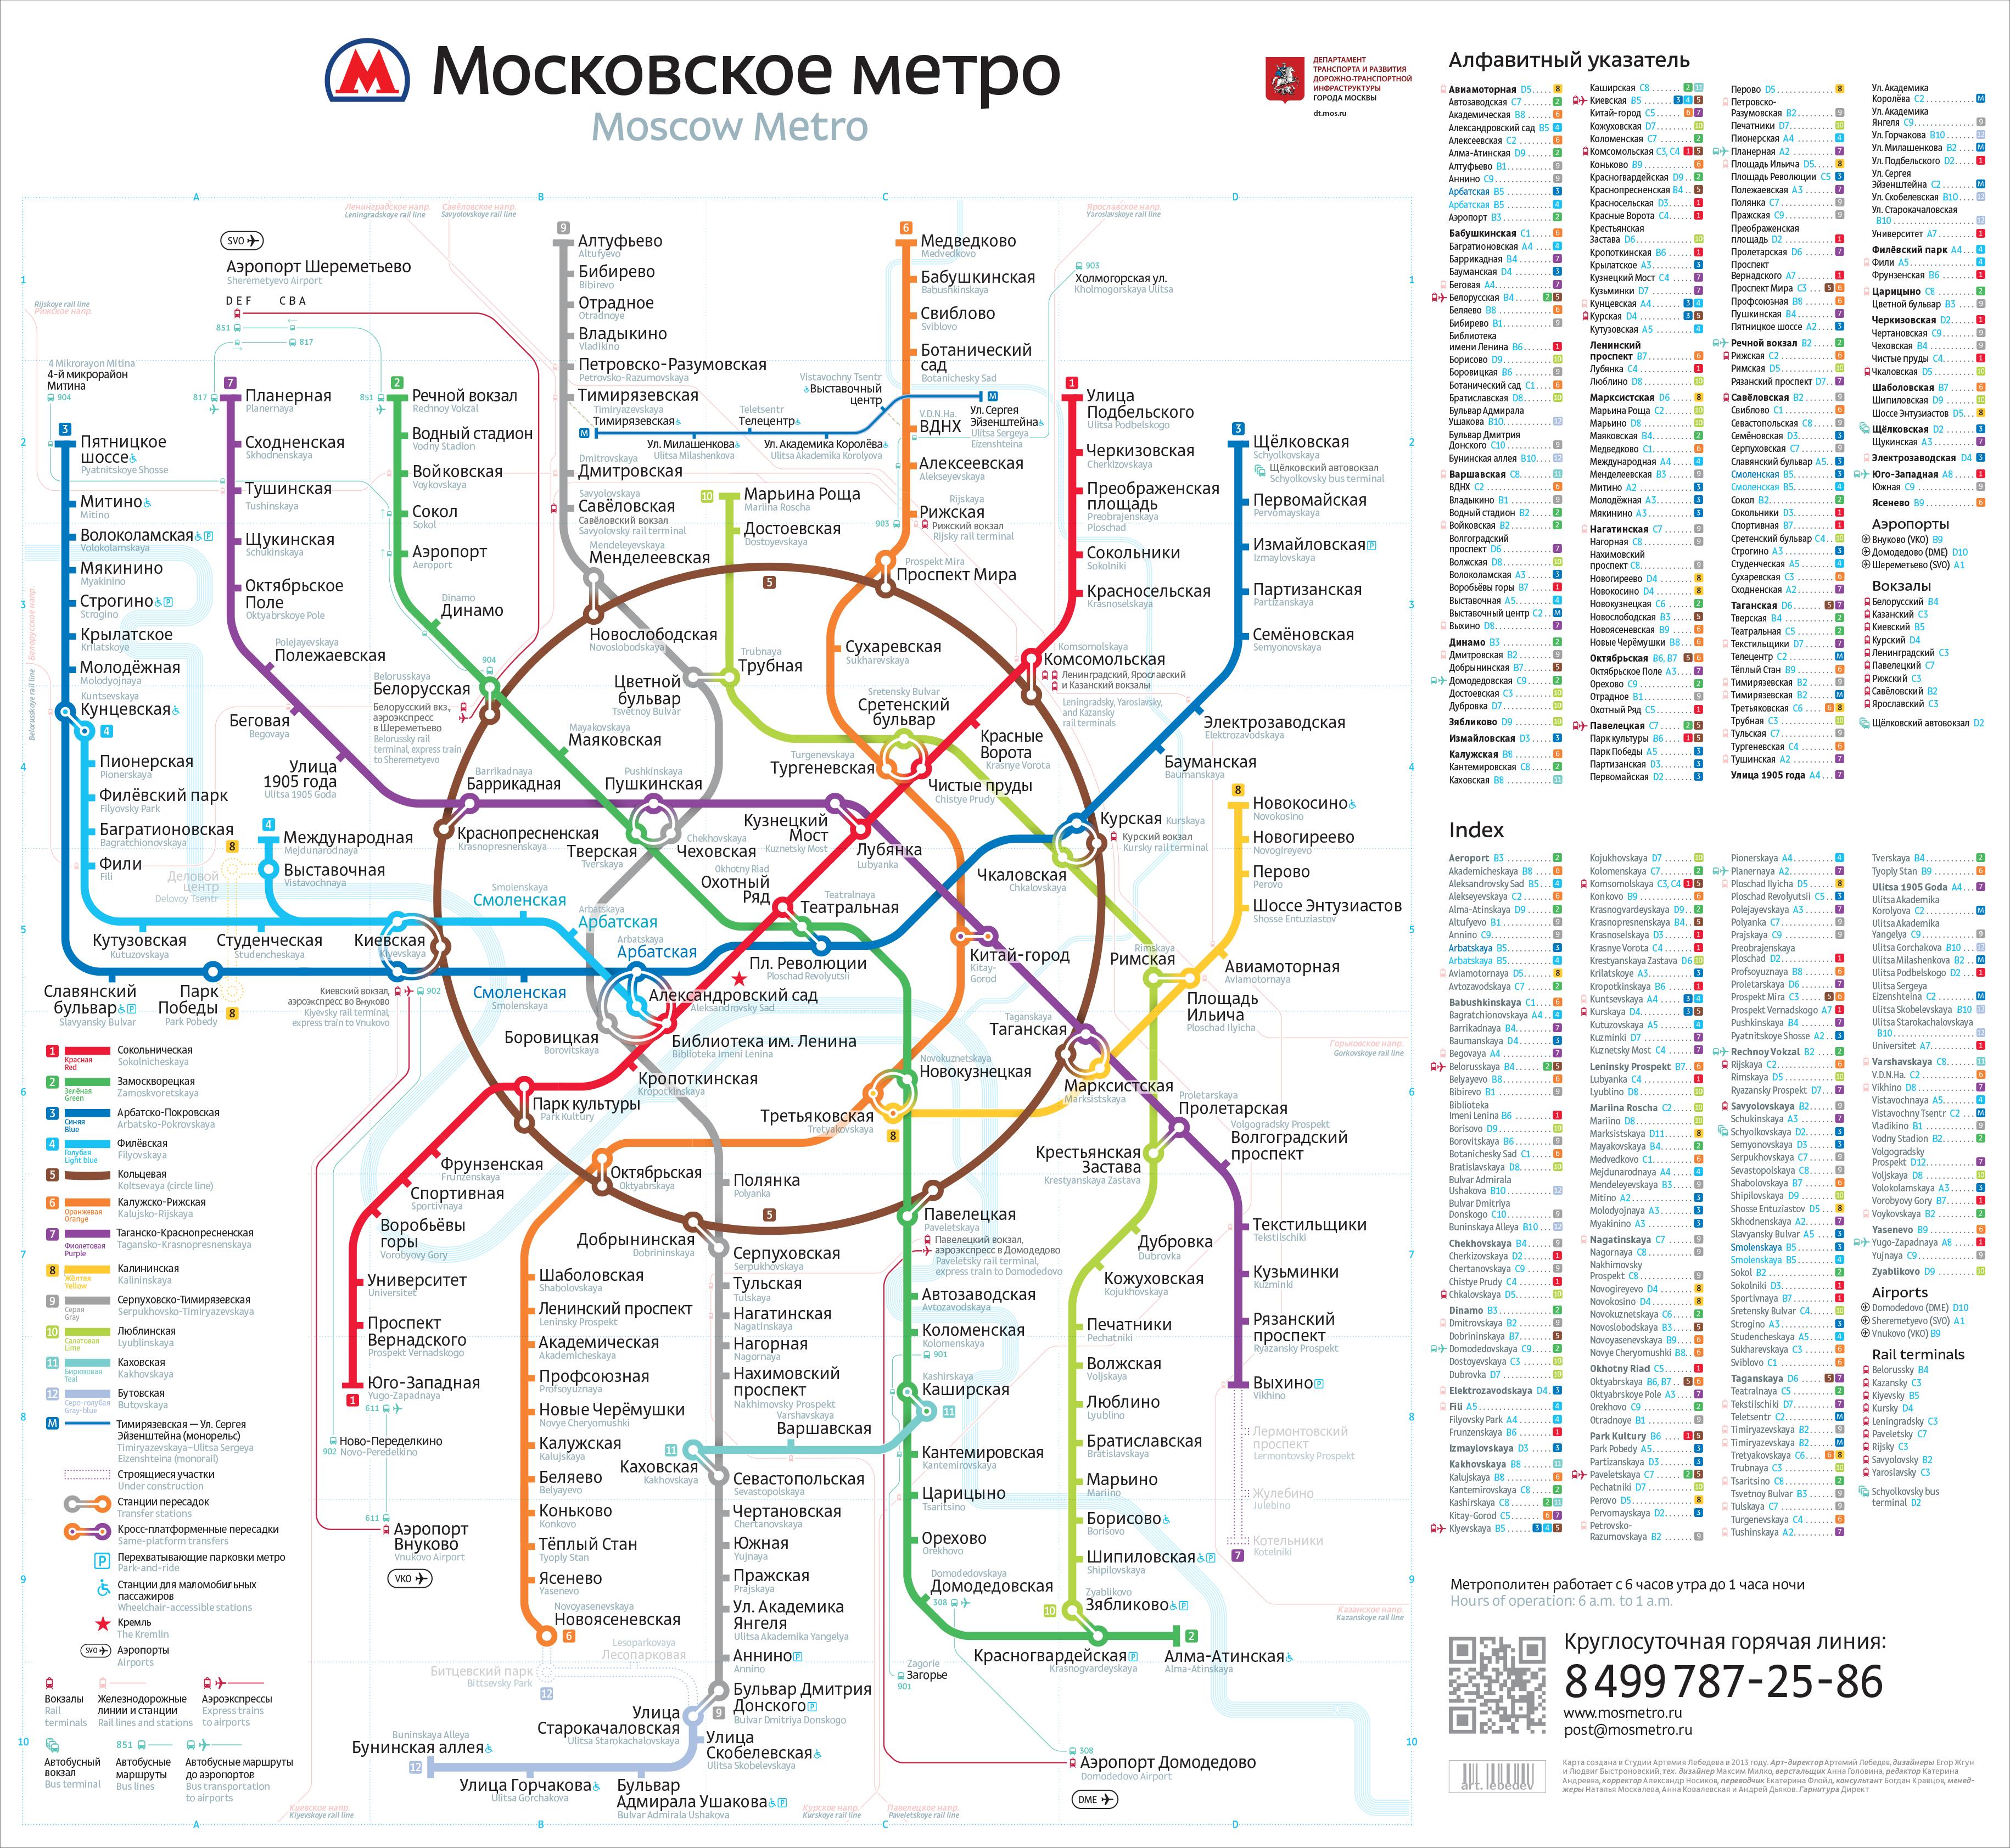 схема московского метрополитена аэроэкспрессов